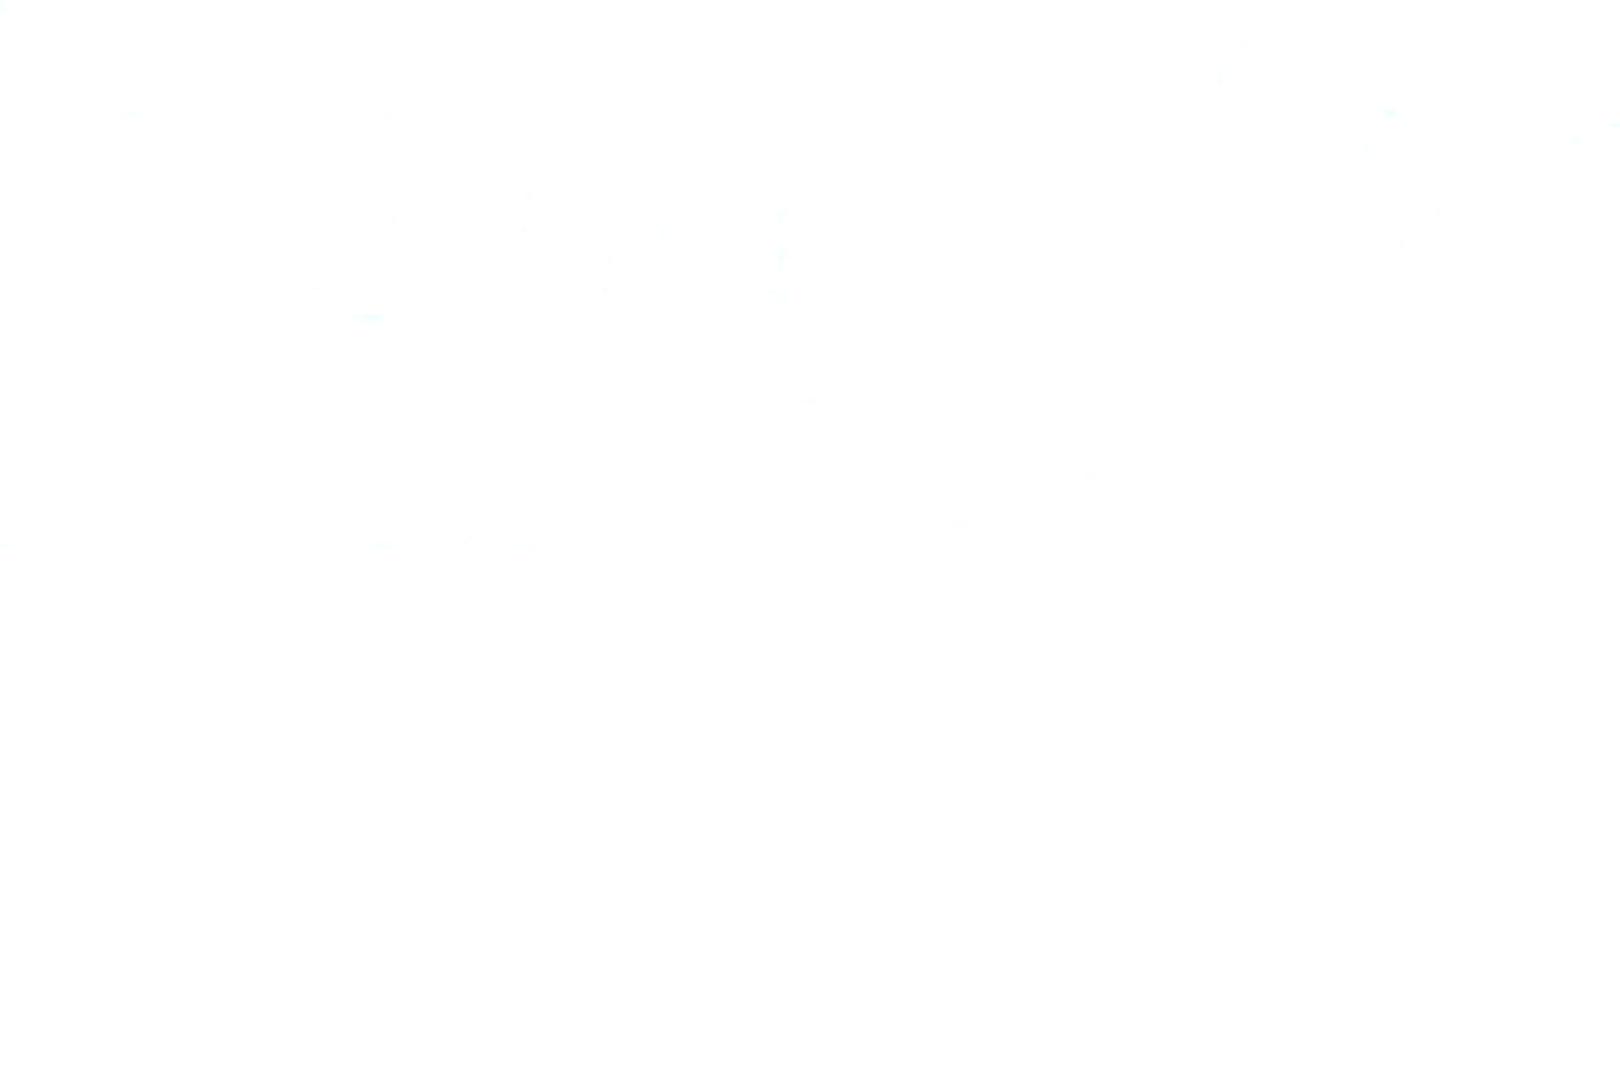 充血監督の深夜の運動会Vol.10 セックス おめこ無修正画像 91pic 41